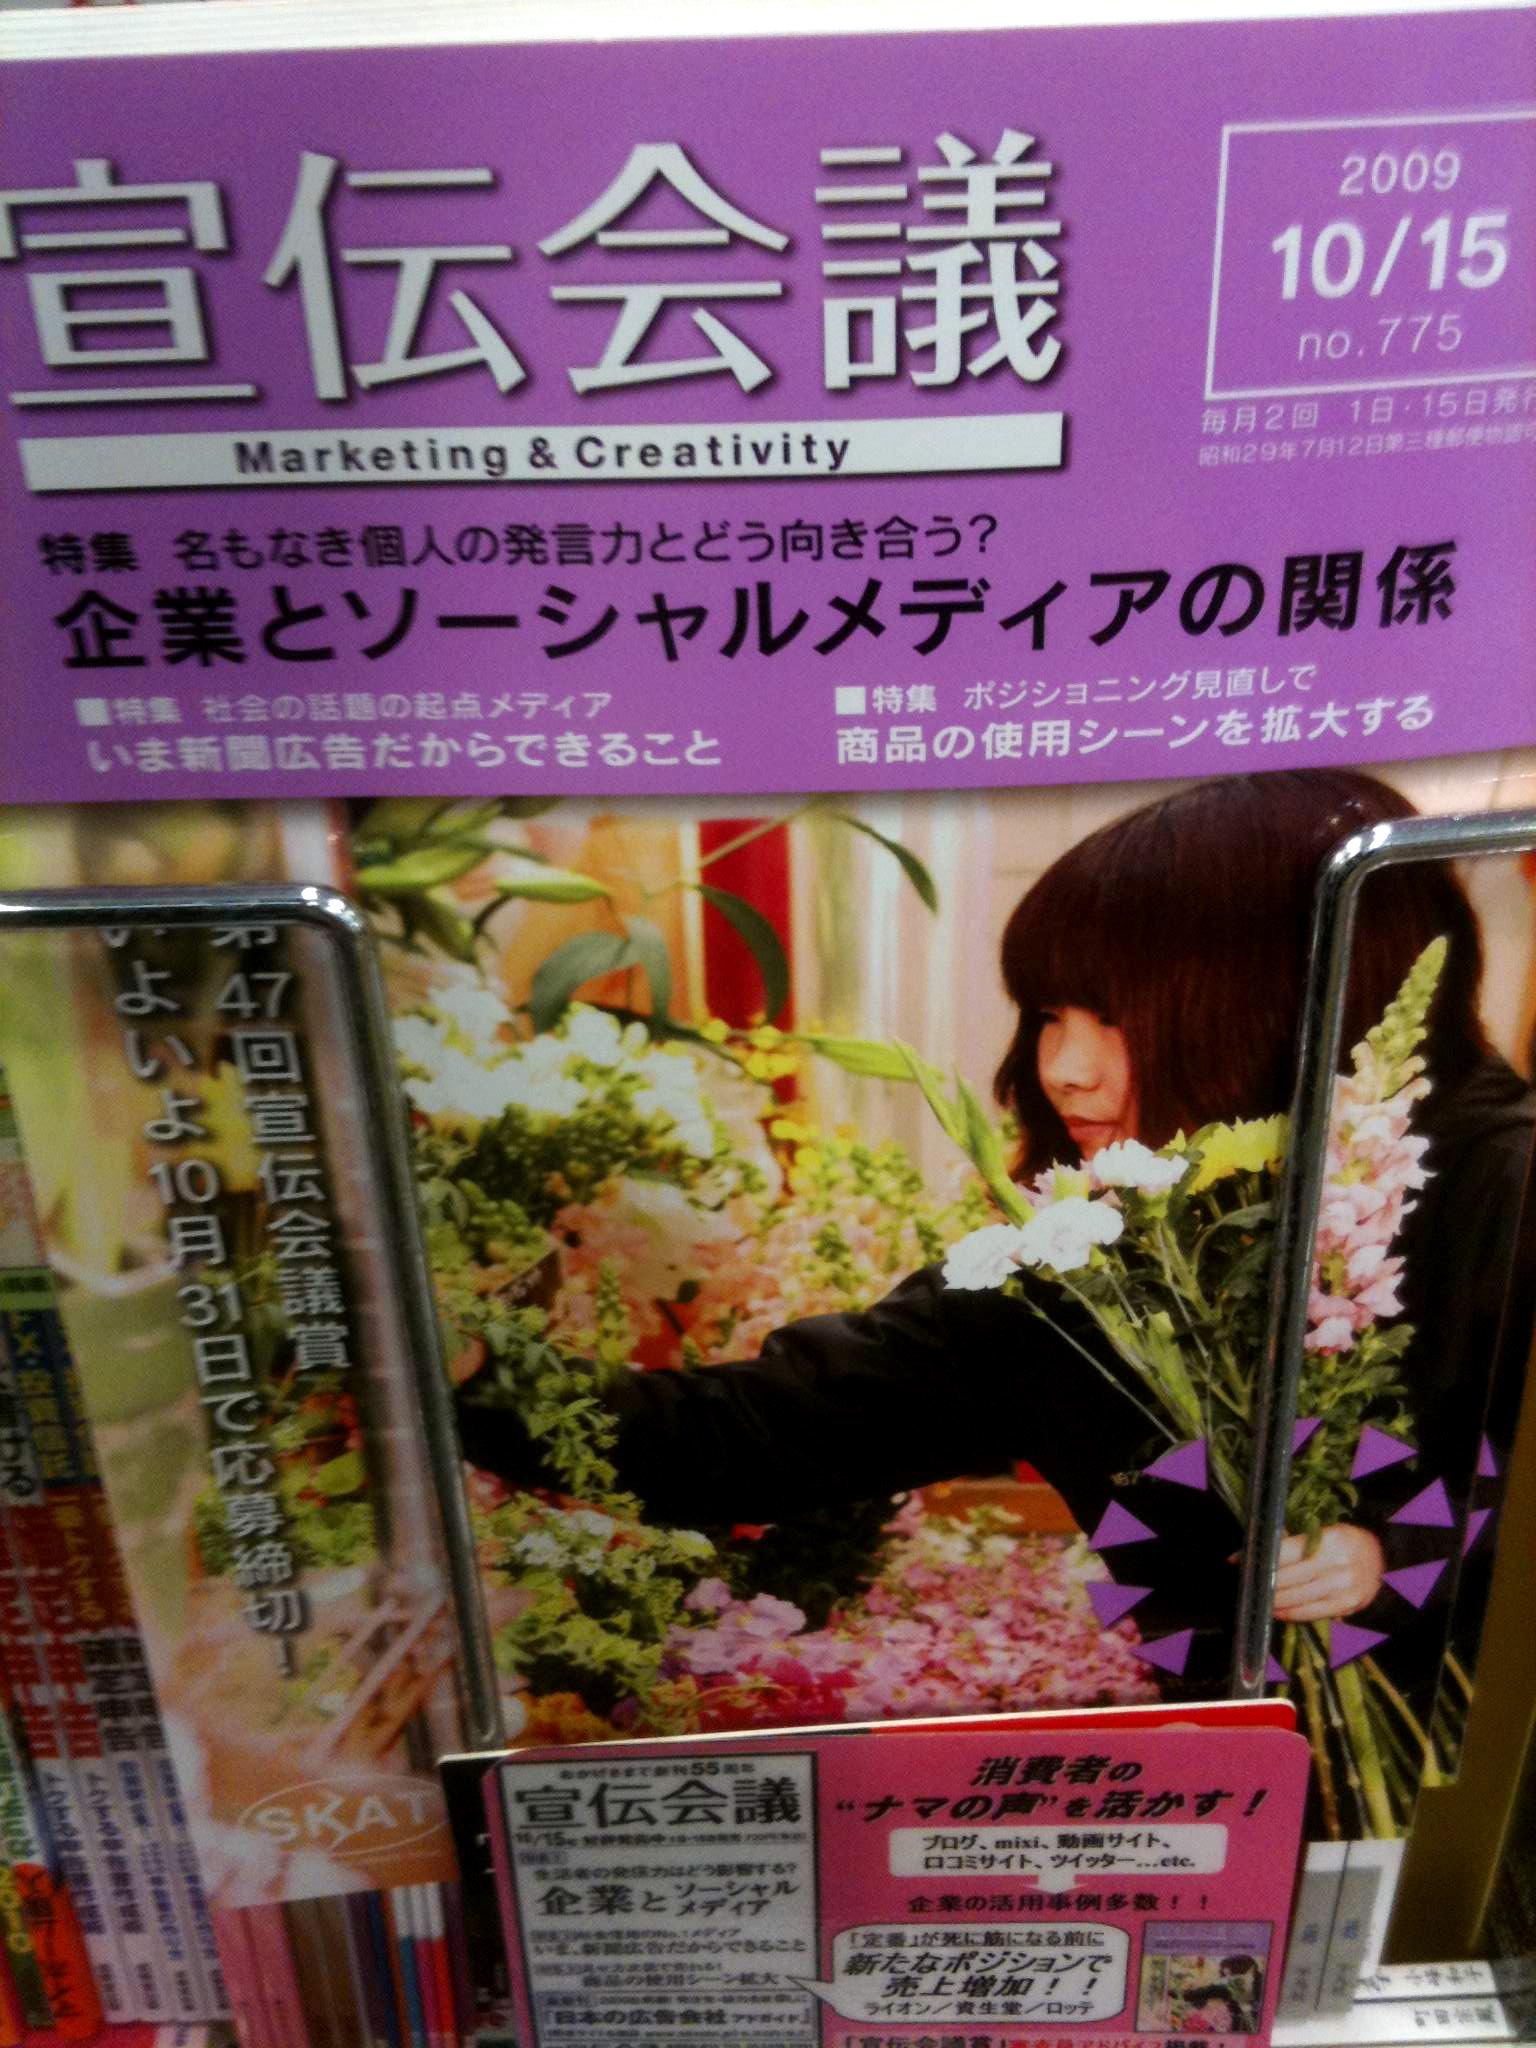 Mobile Photo Nov 10, 2009 4 07 26 AM